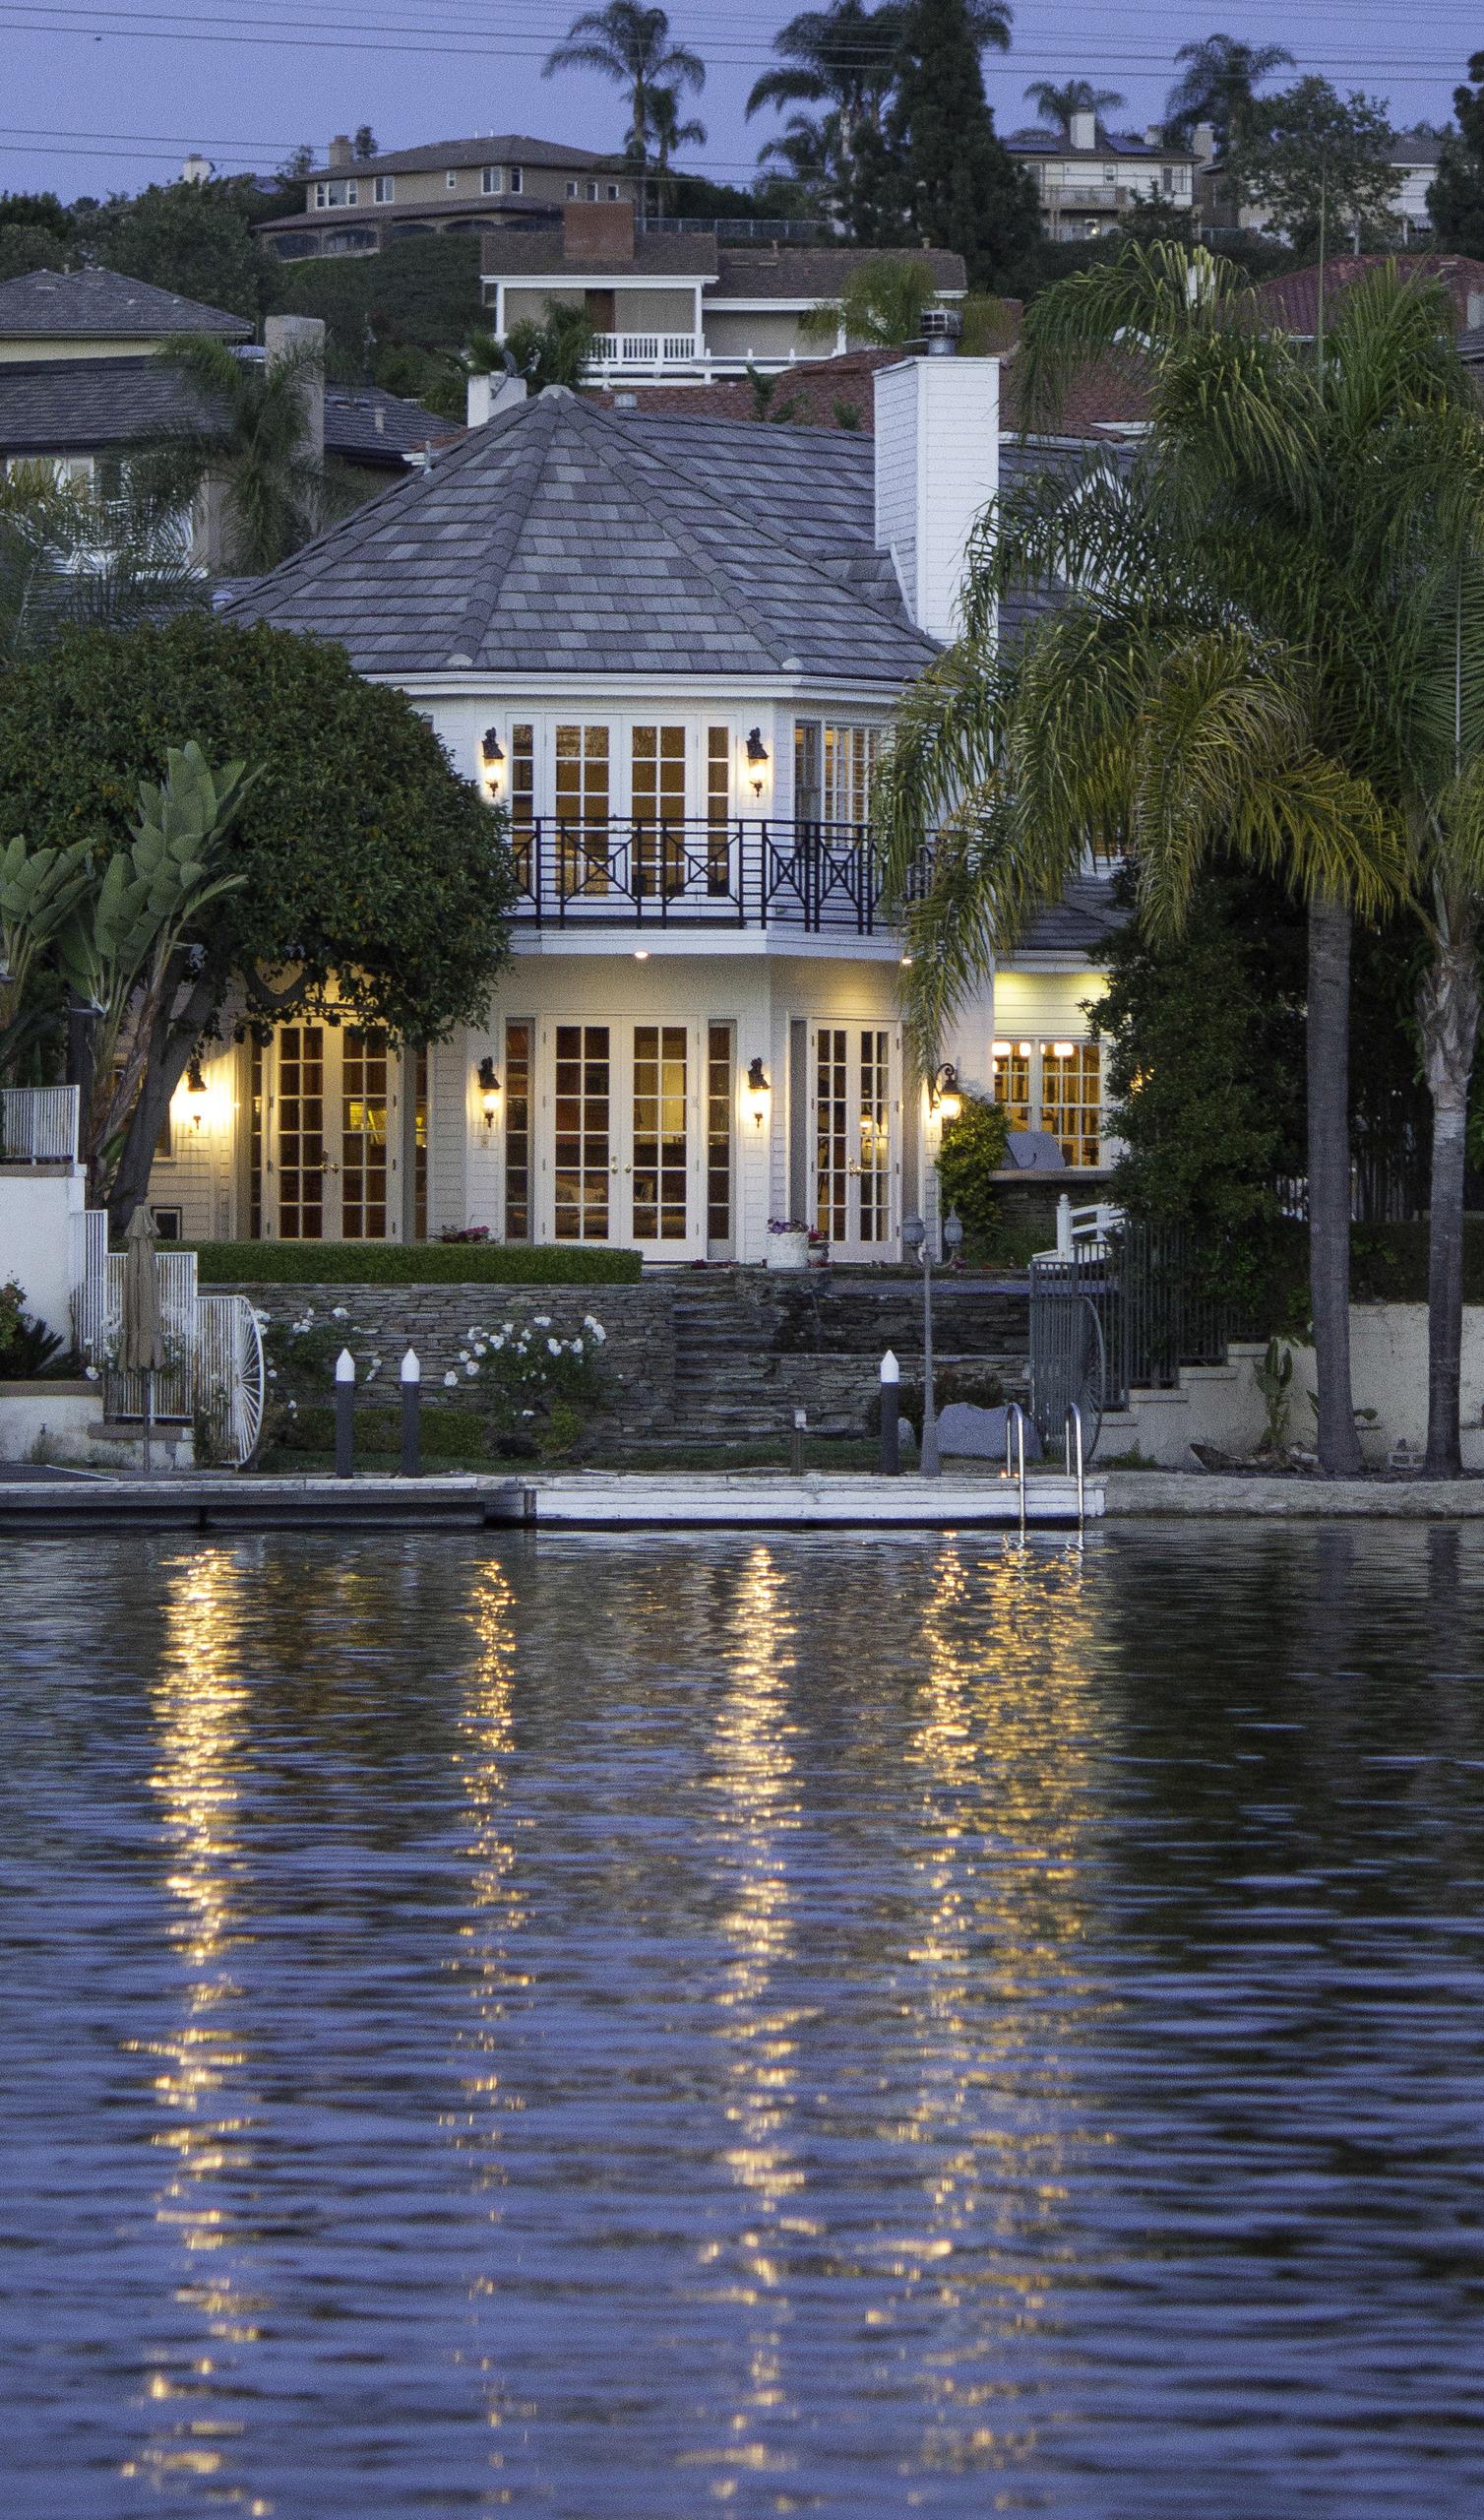 868615-Lake_View_House_2